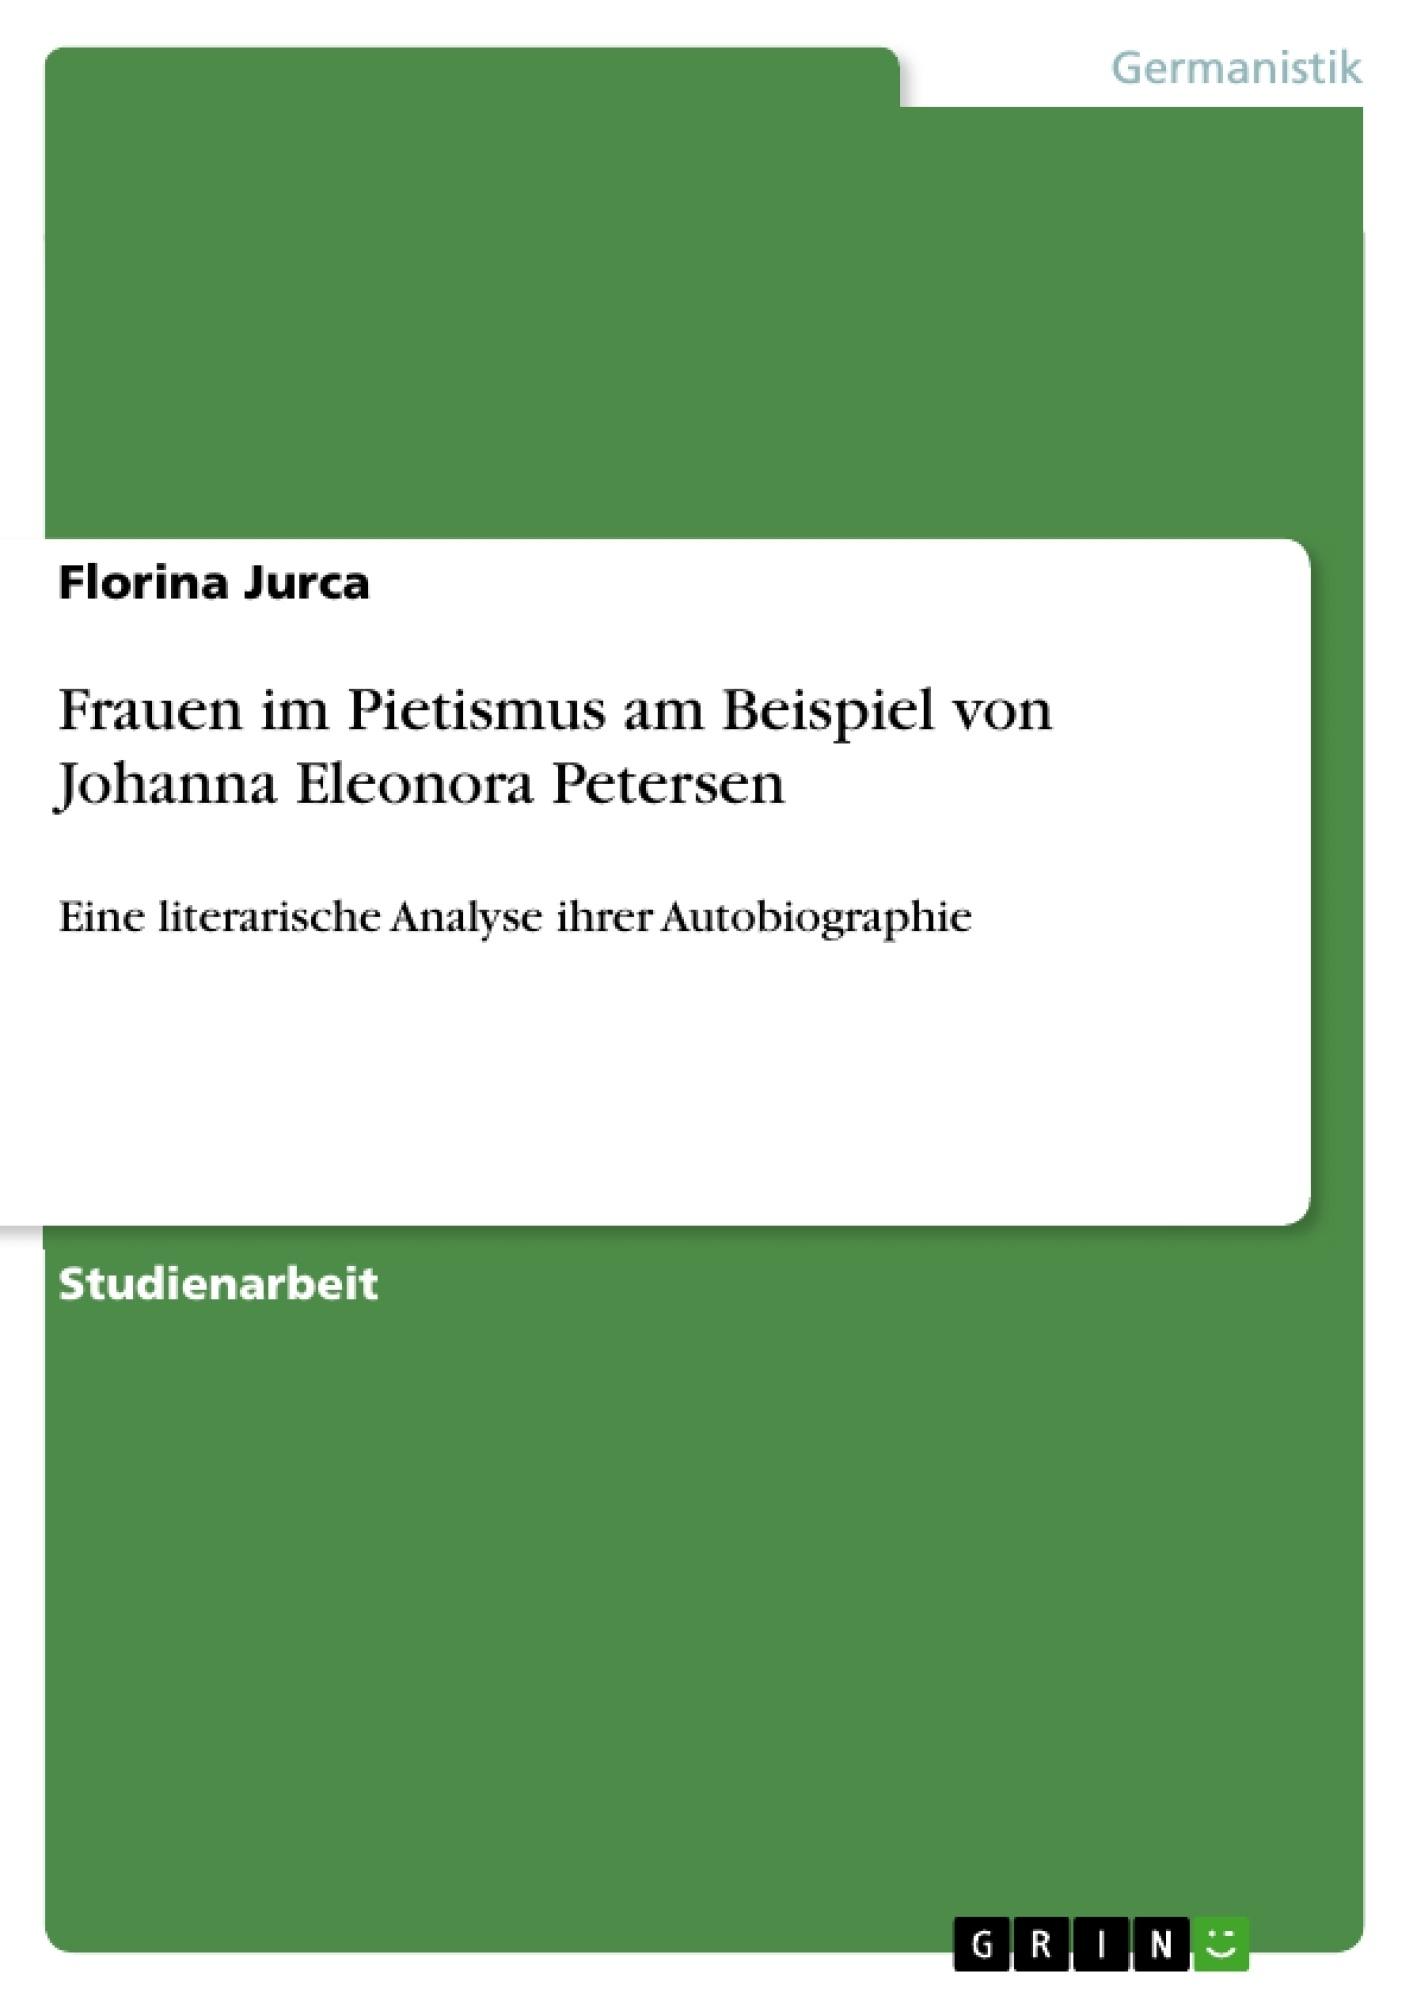 Titel: Frauen im Pietismus am Beispiel von Johanna Eleonora Petersen